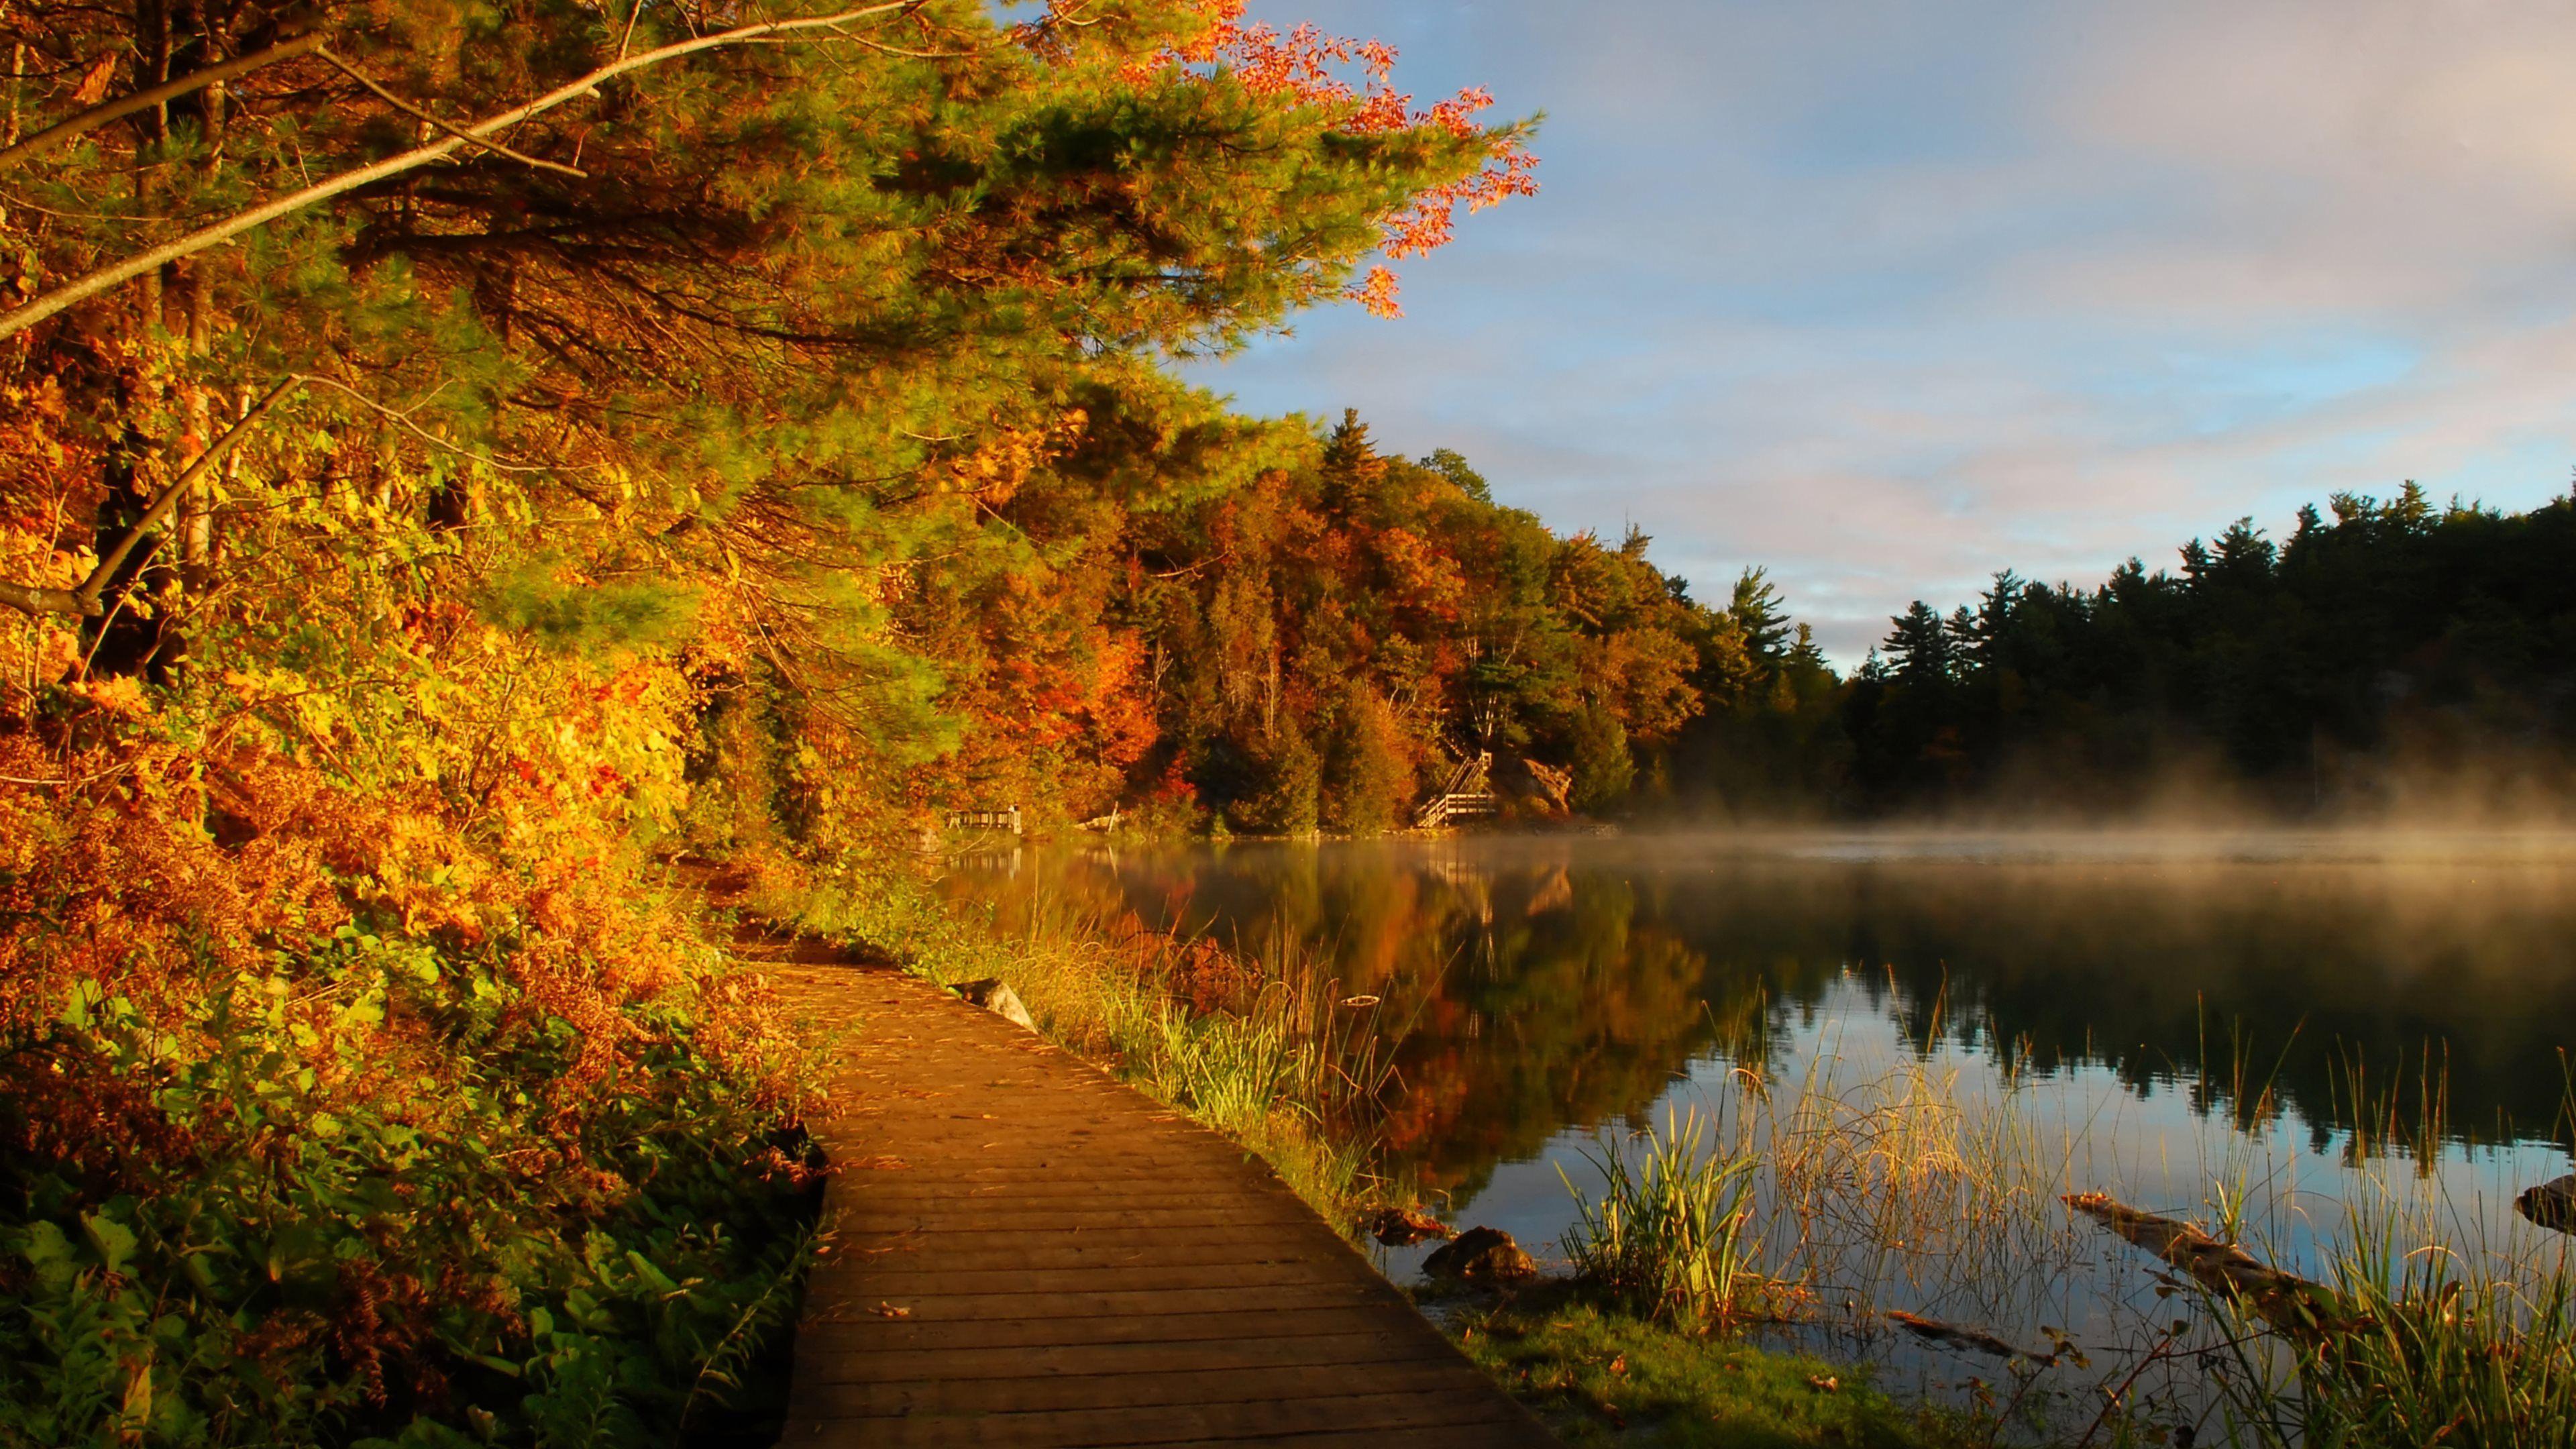 Outono Outono Folhas Nevoeiro Florestas Lago Paisagens Natureza Caminho Reflexões Água